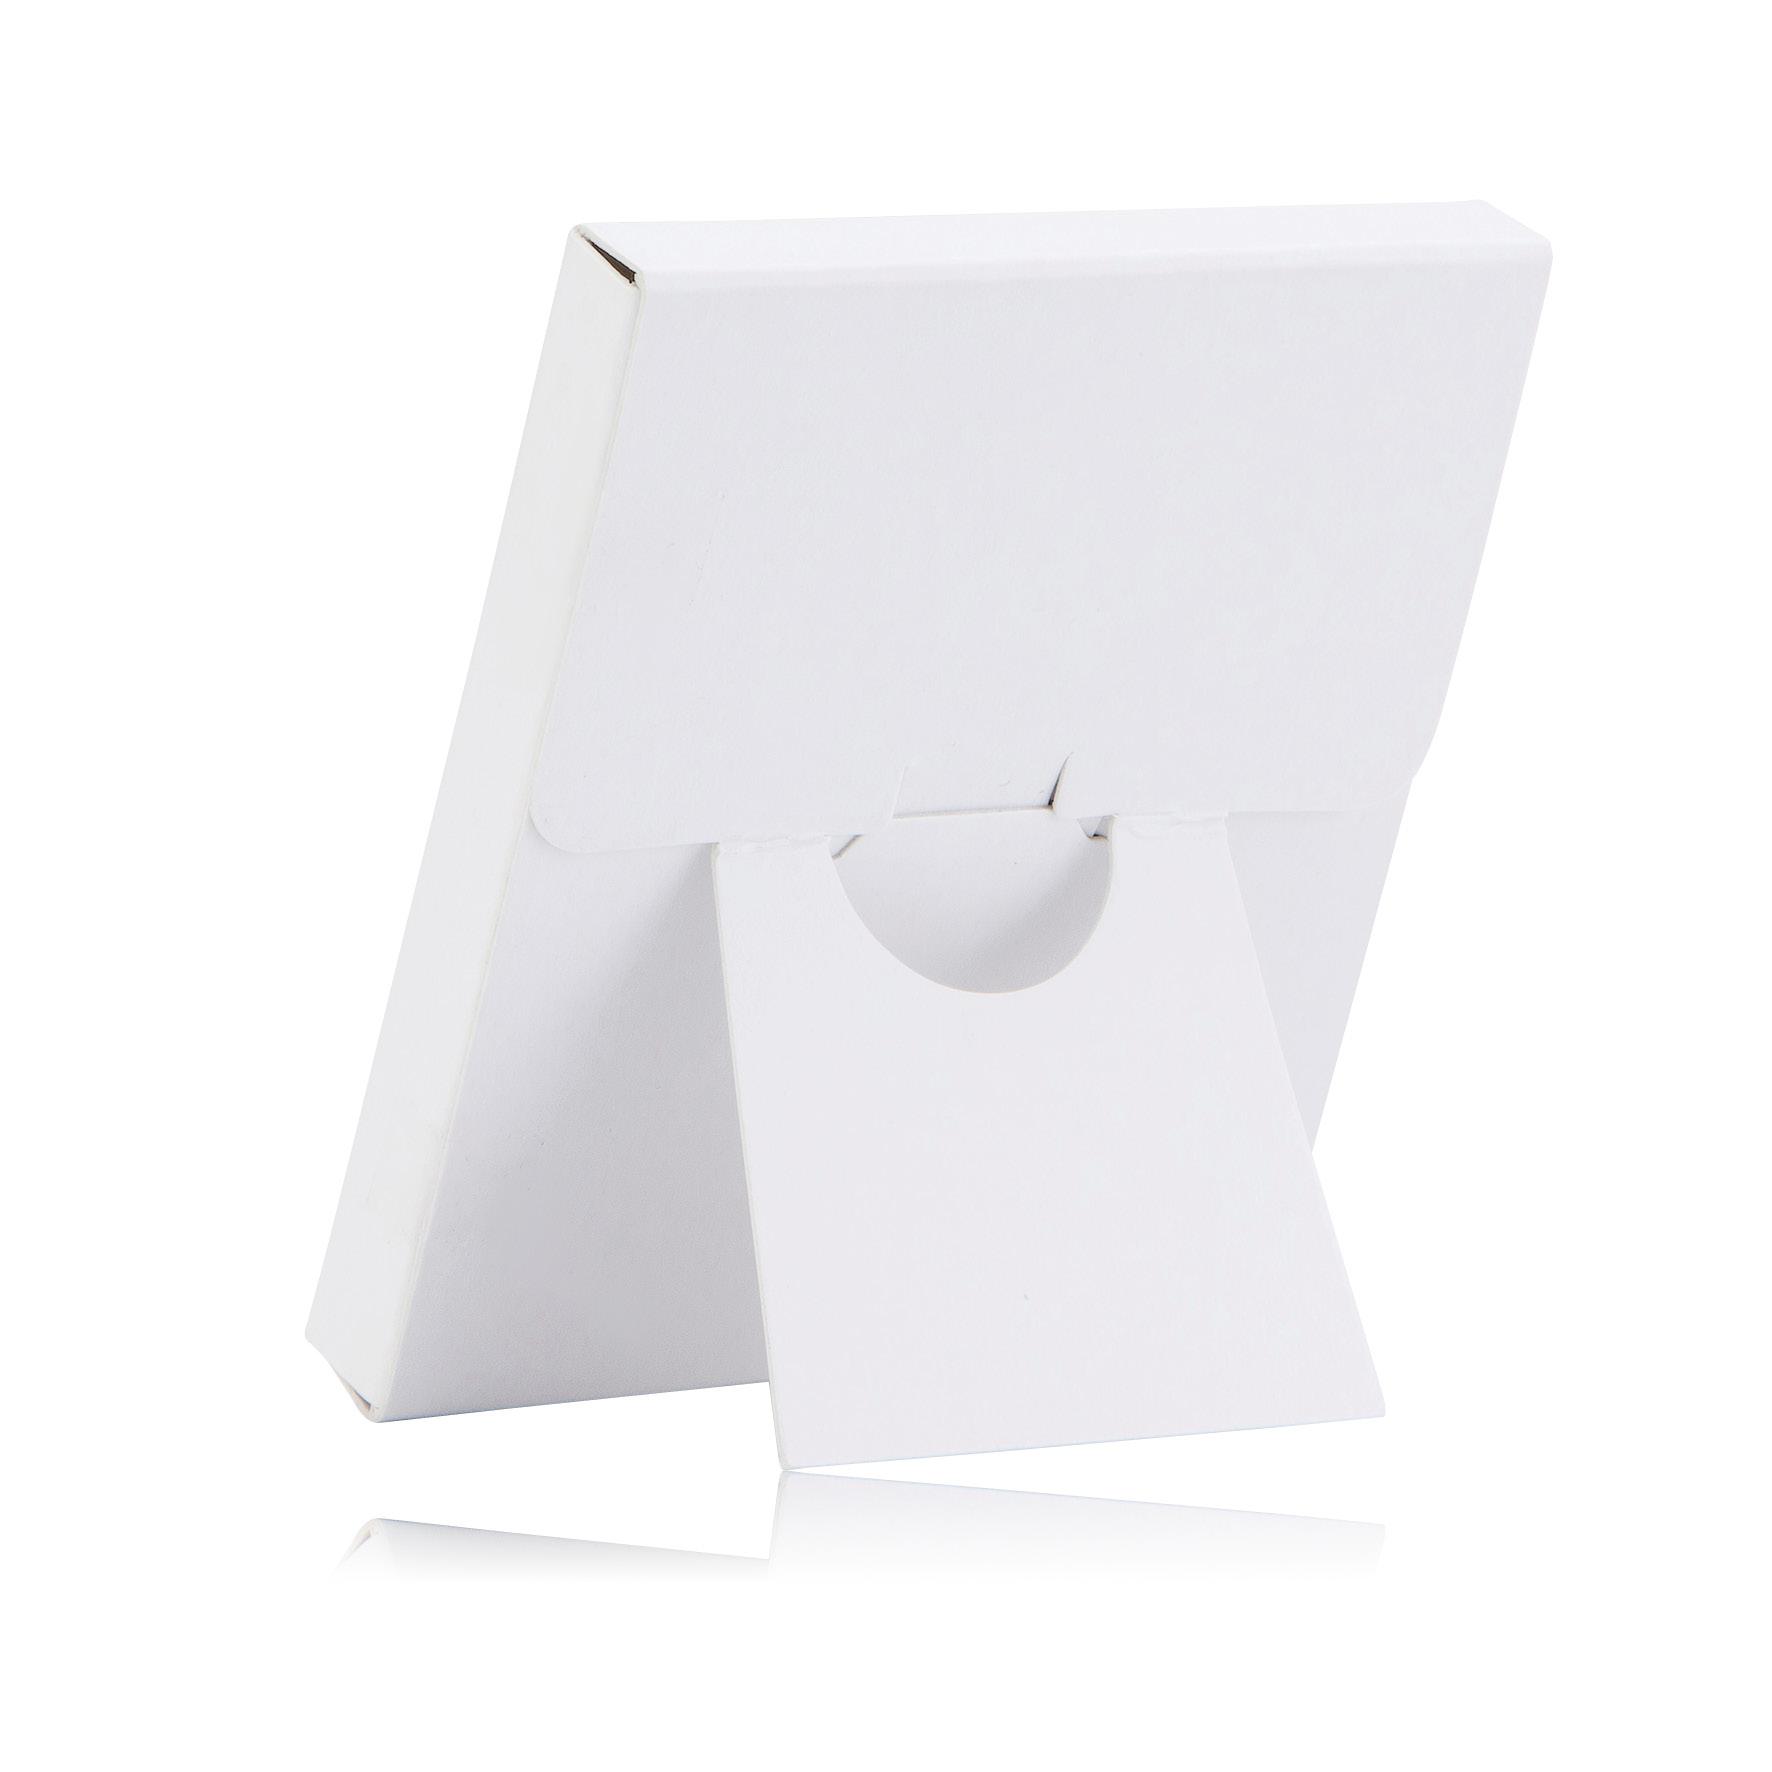 CONTEMP BOX WHITE BACK